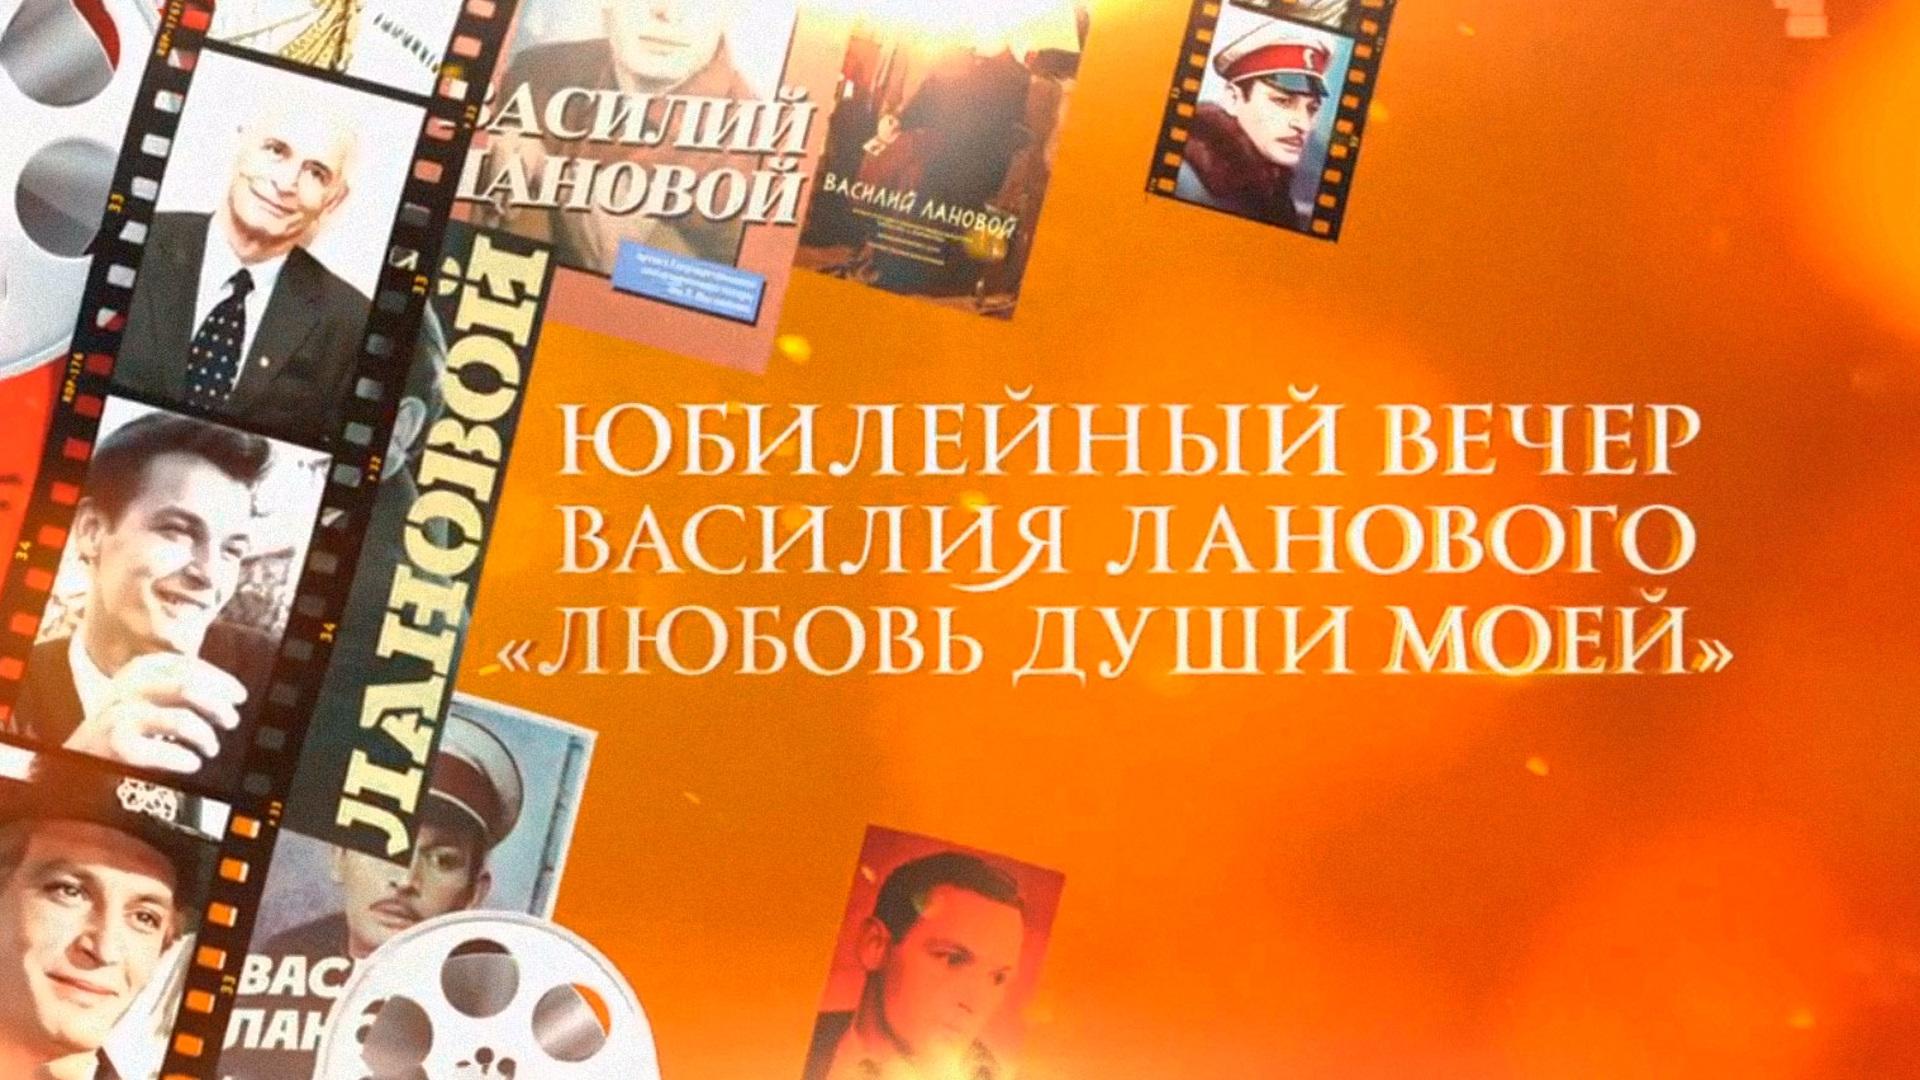 Юбилейный концерт, посвященный 85-летию народного артиста СССР В.С. Ланового в Государственном Кремлевском дворце